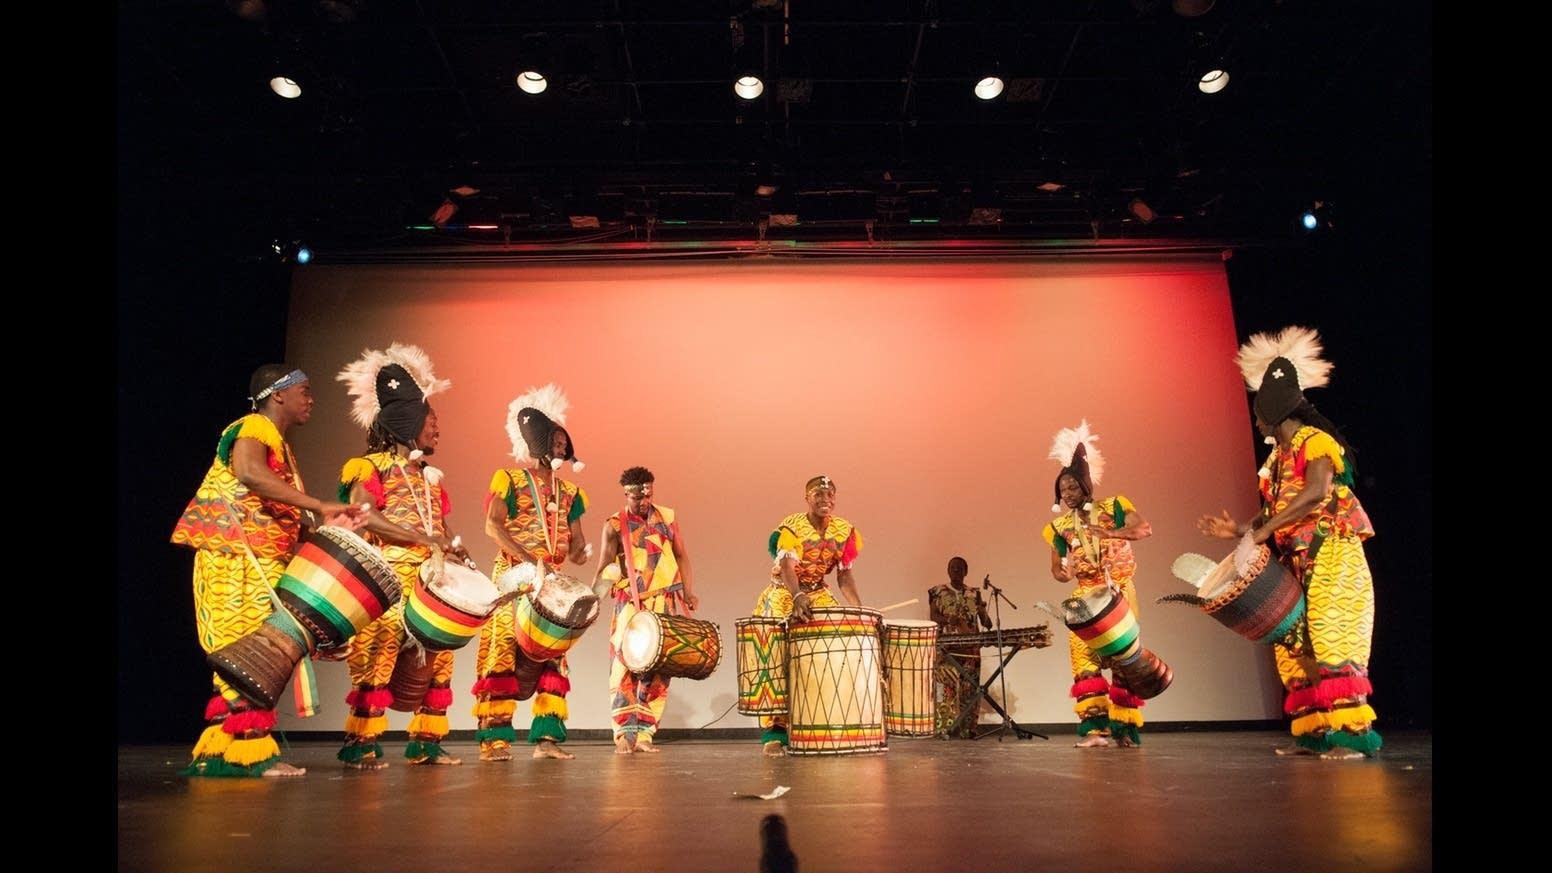 Duniya Drum and Dance presents 'Wali' at the Rarig Center.